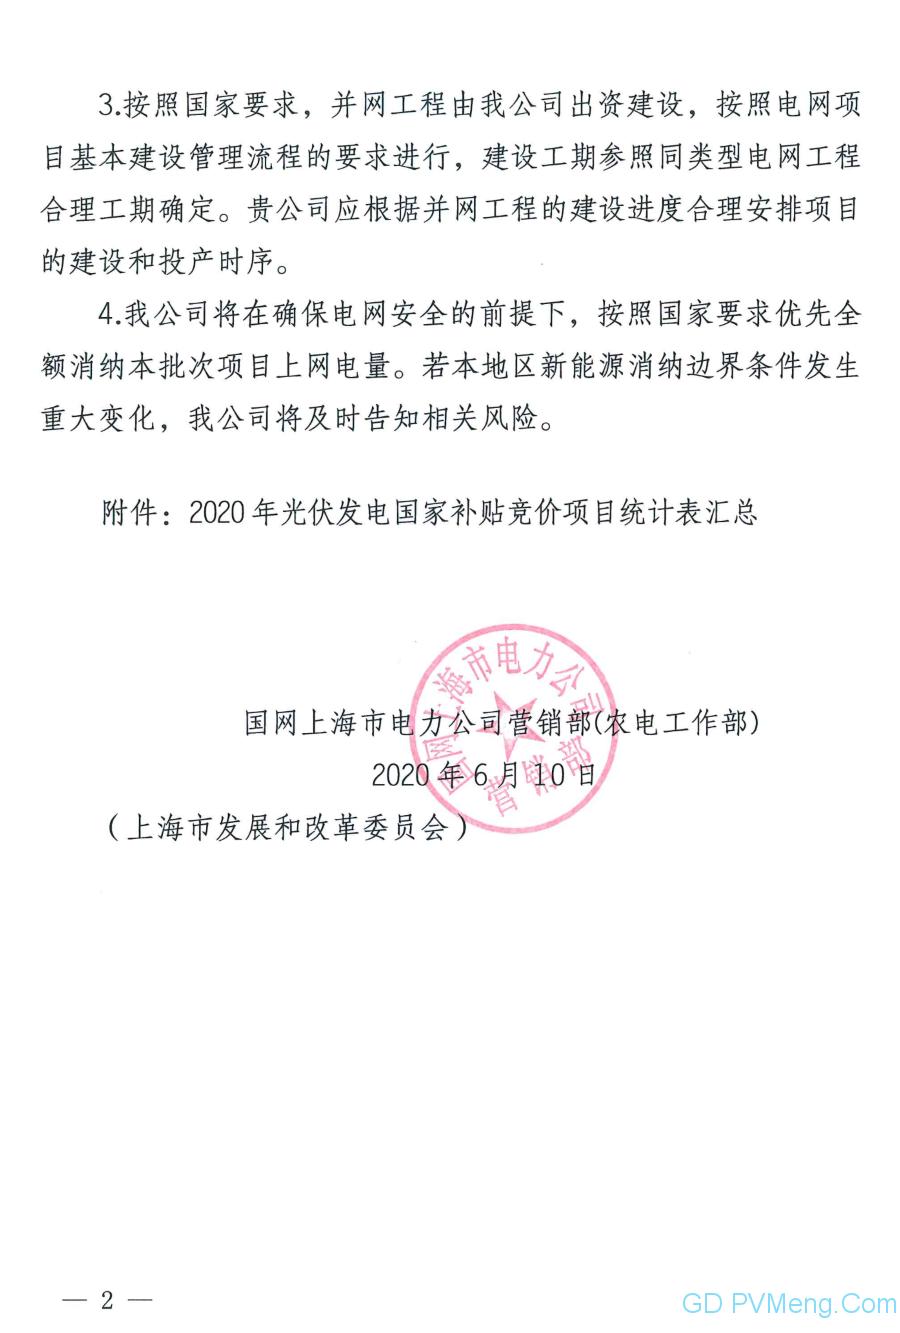 国网上海营销部关于上海吉祥航空等分布式光伏电力消纳意见(国网上电销〔2020〕63号)20200610